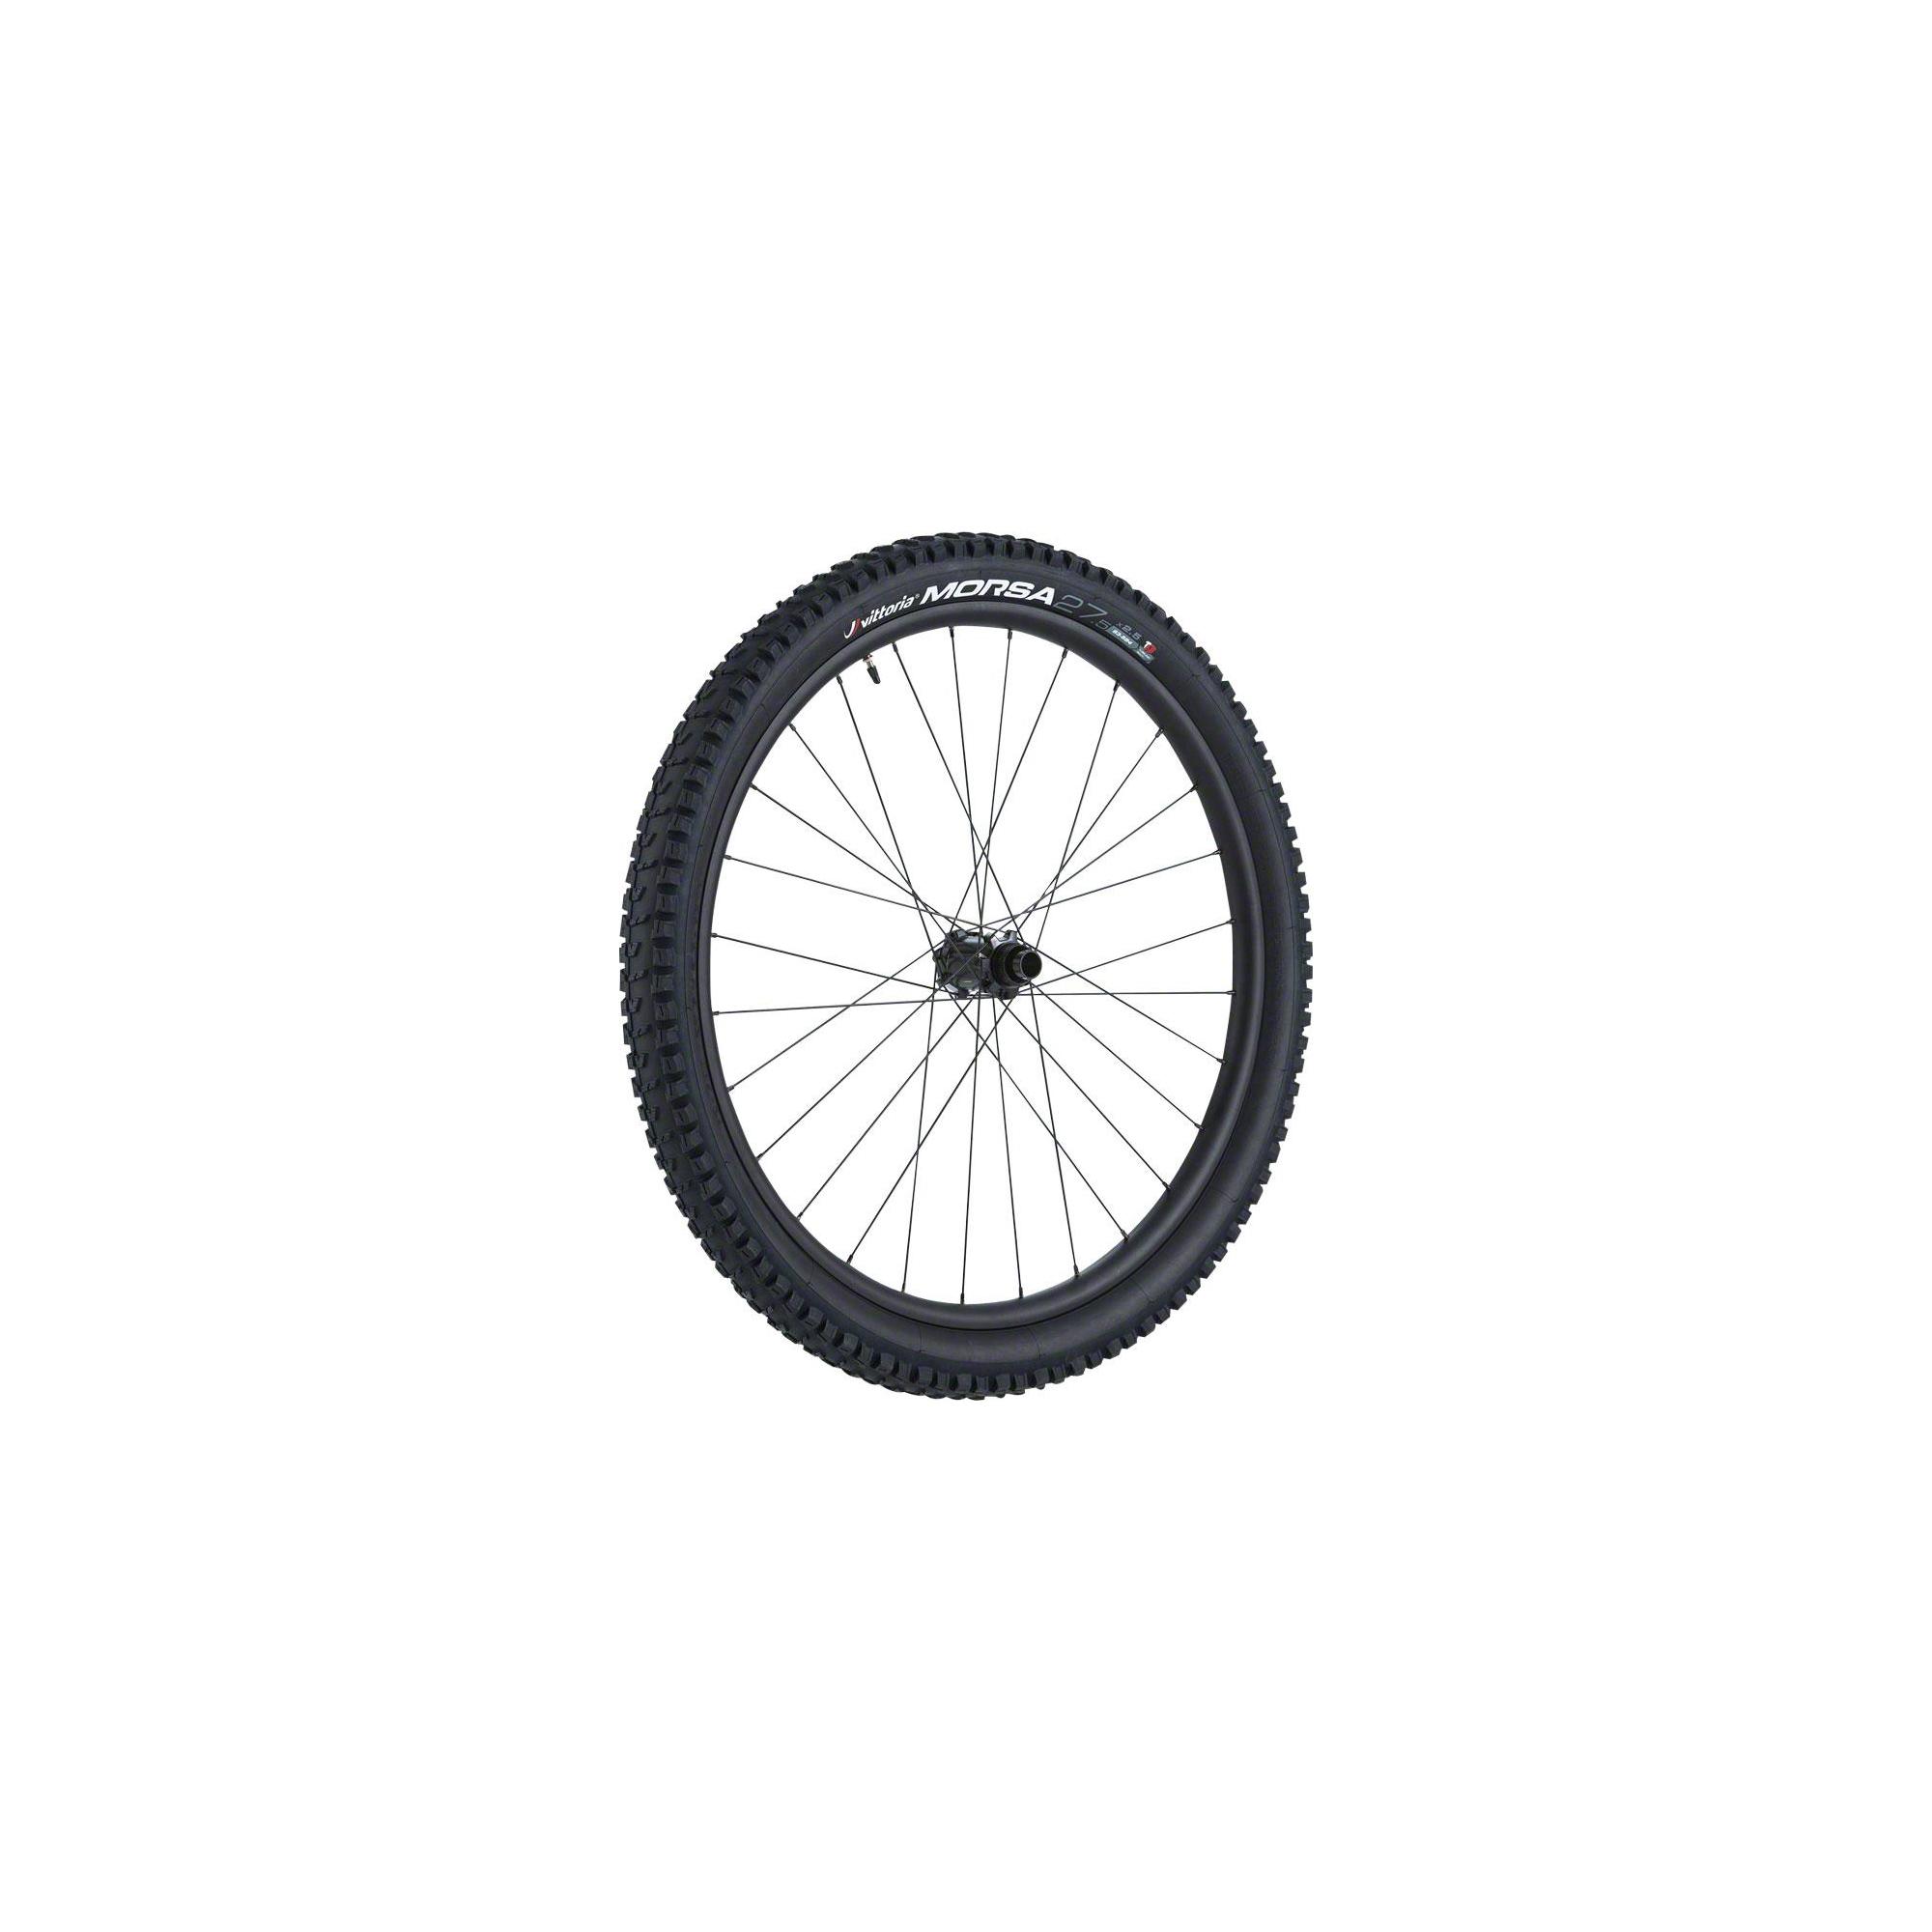 Vittoria Morsa G Tire Folding Clincher Tnt